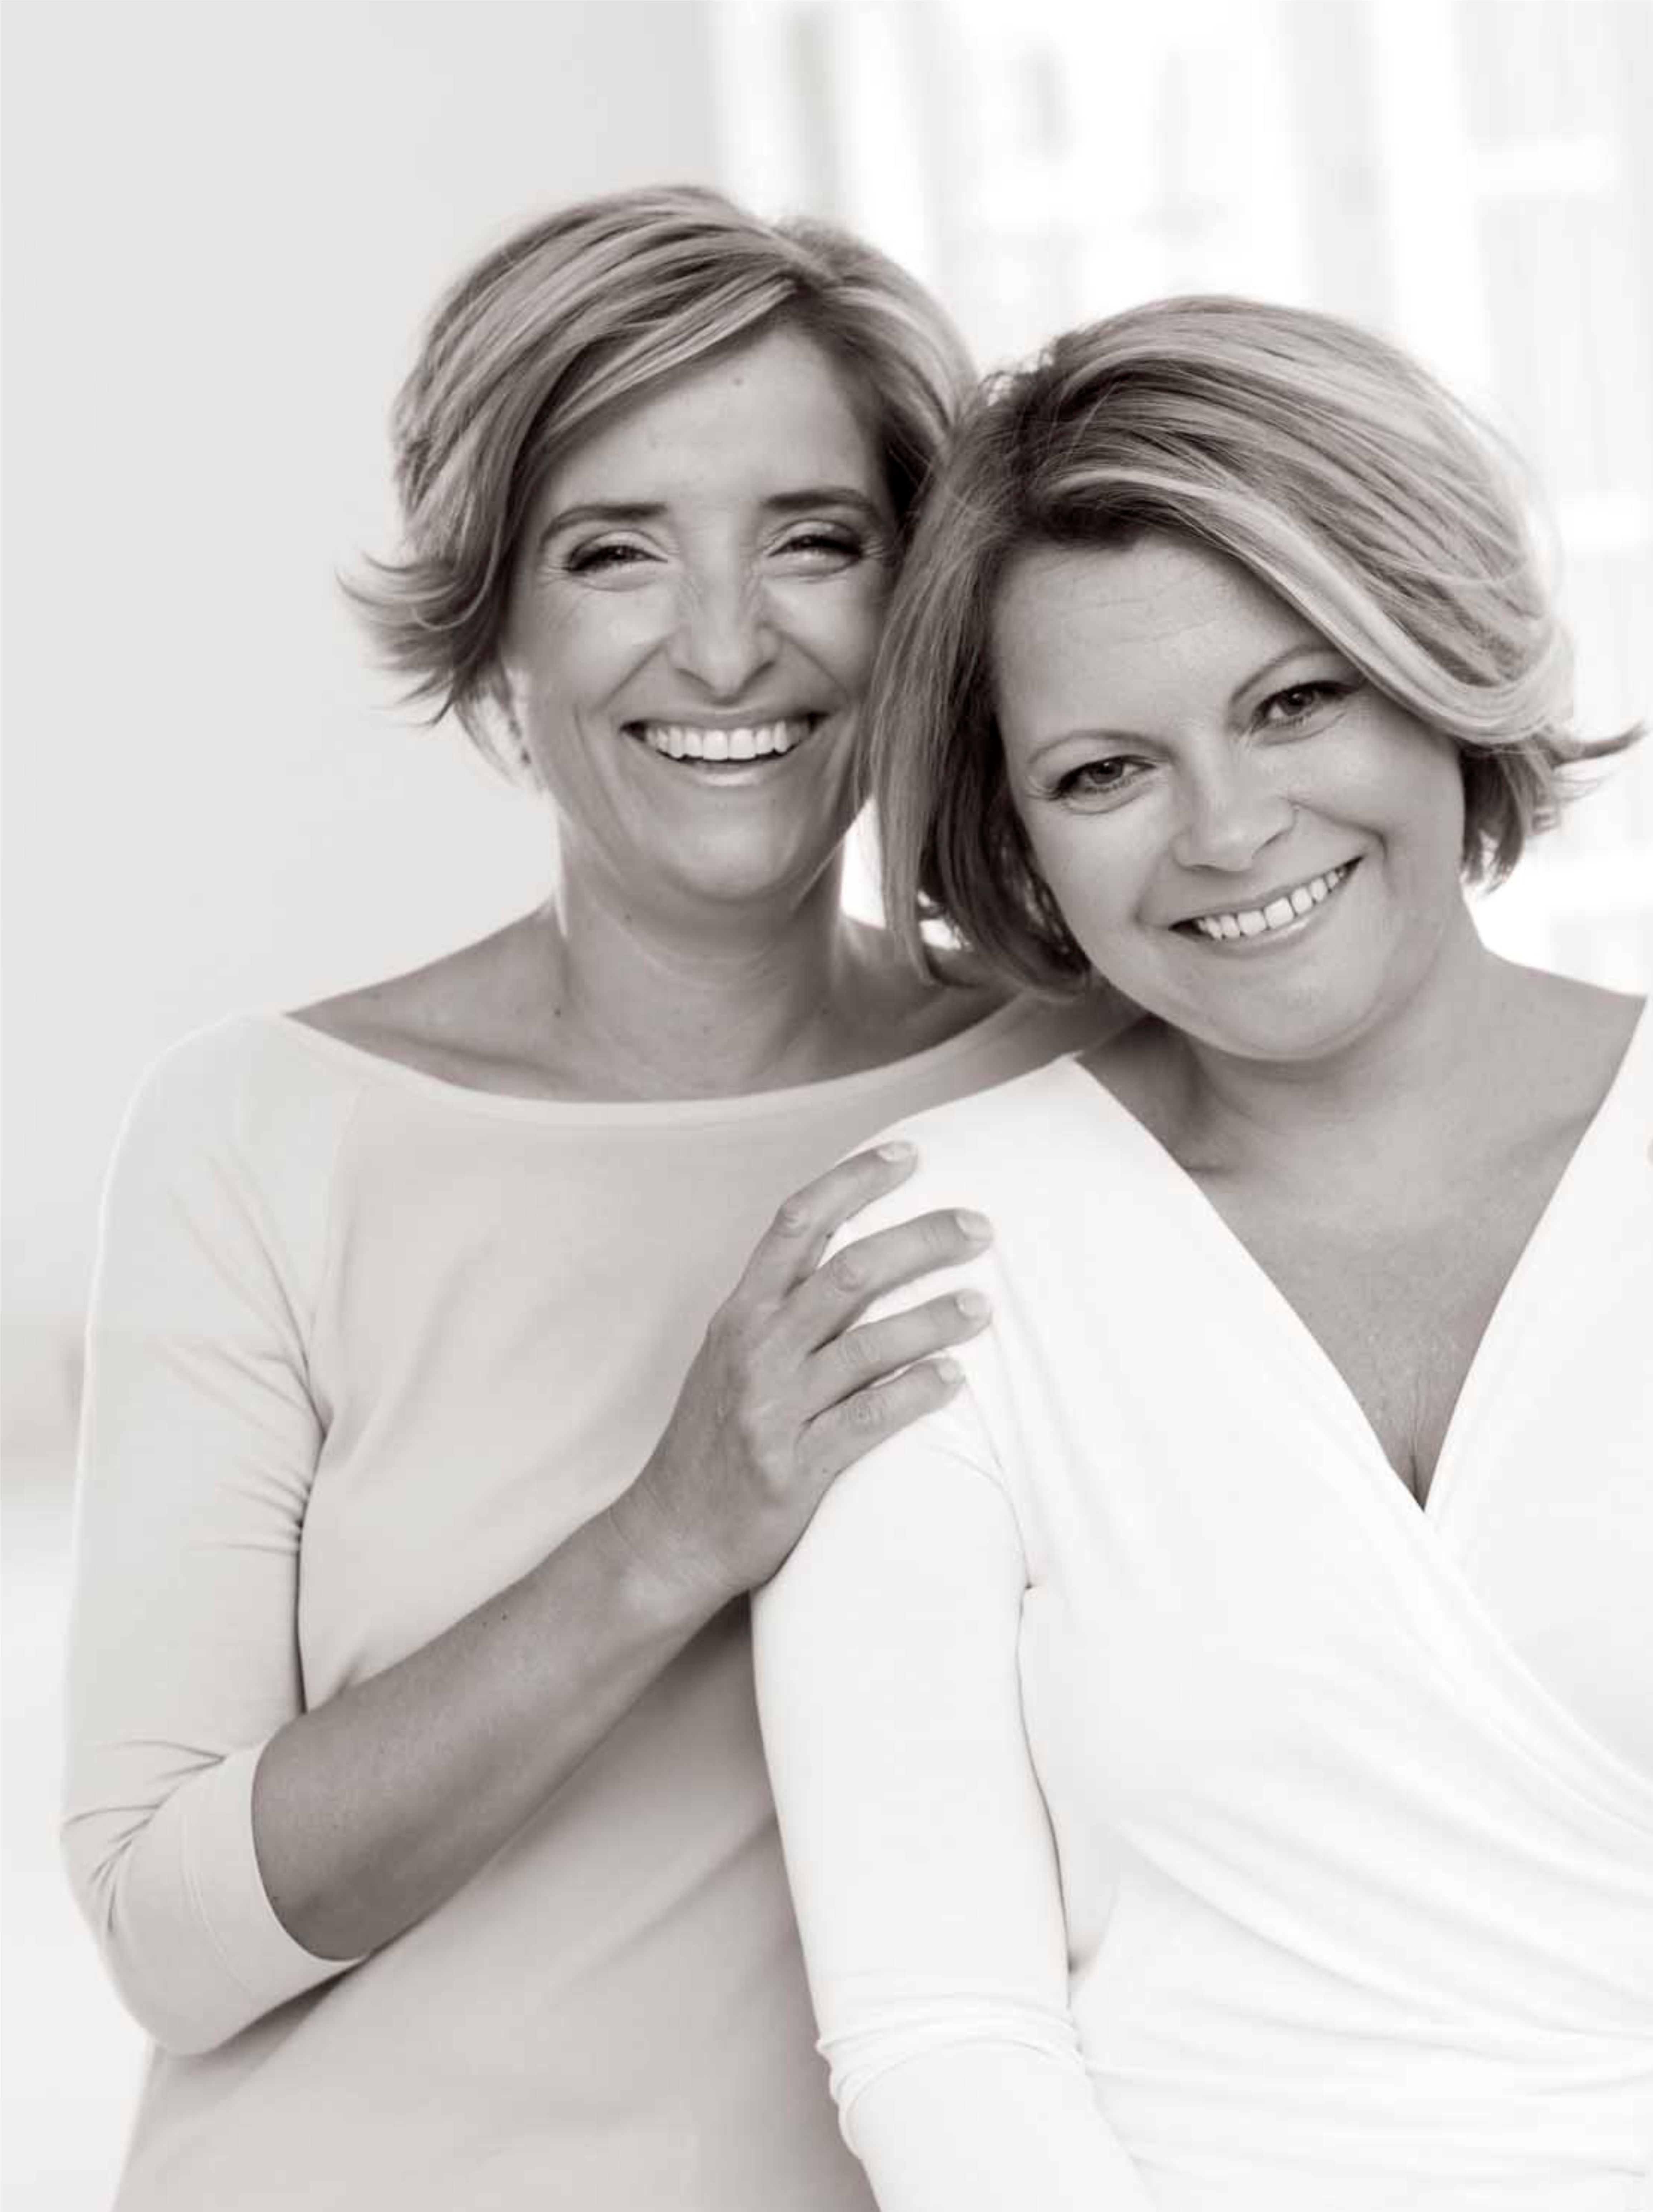 Adrienne és Ágota ff vágott.jpg